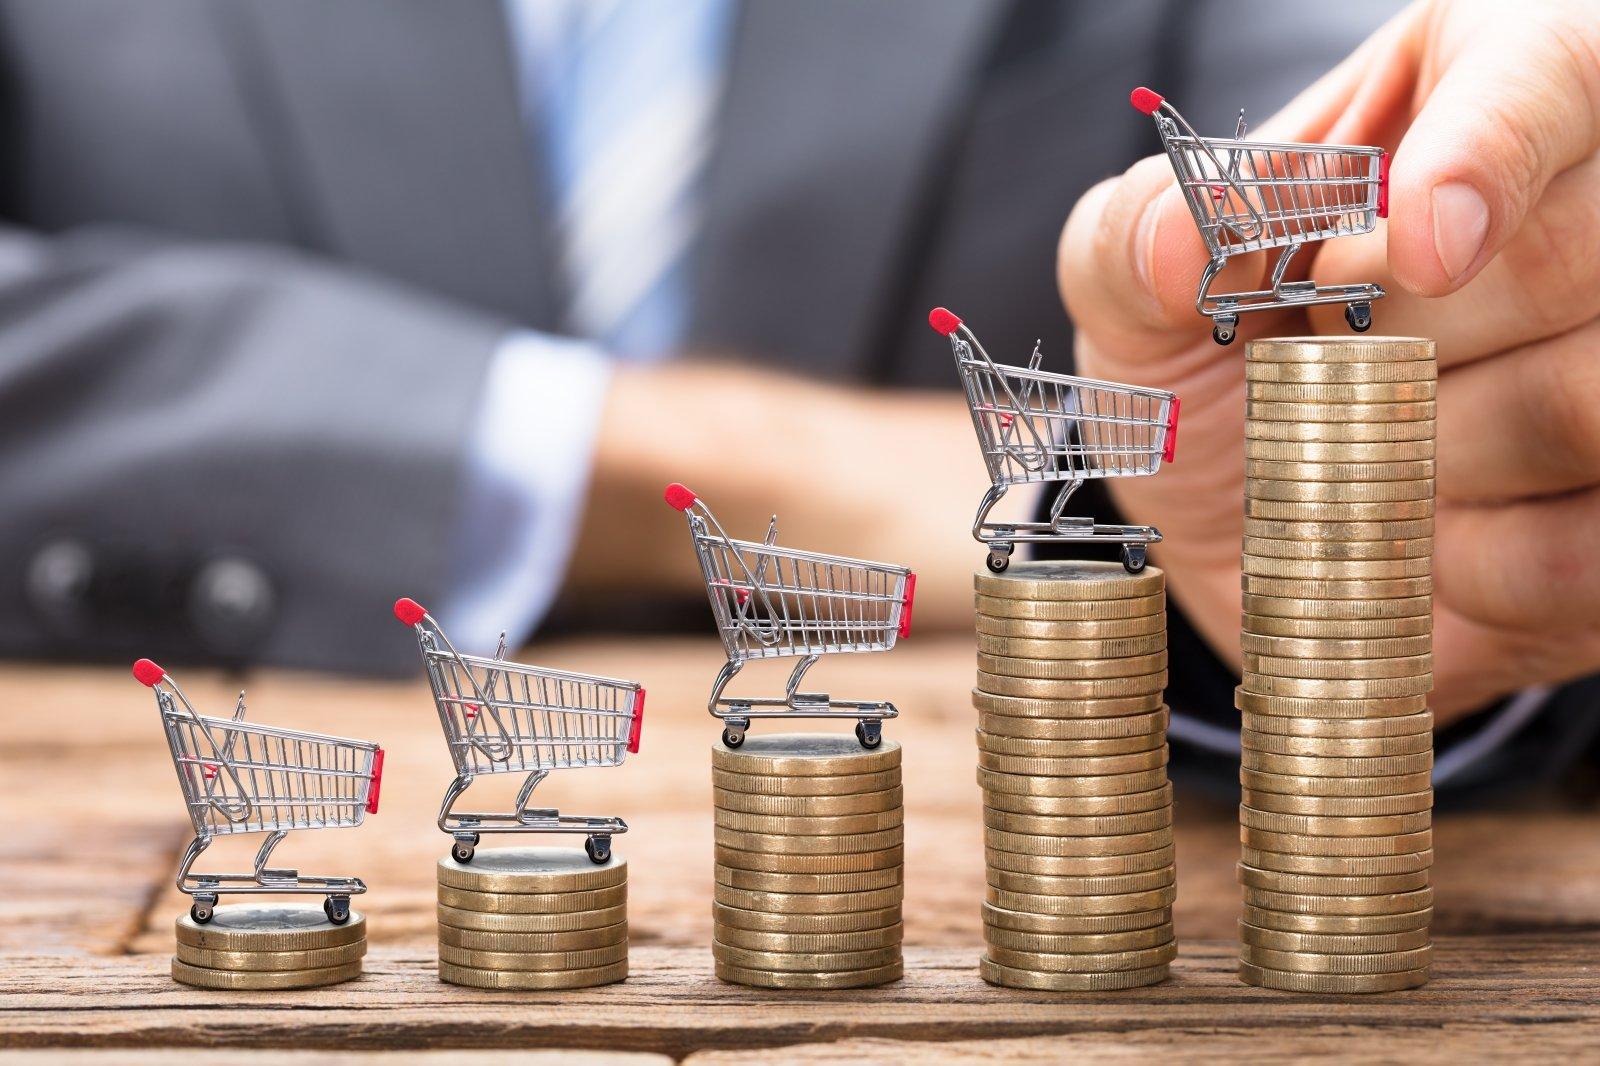 инфляция и дефляция в трейдинге